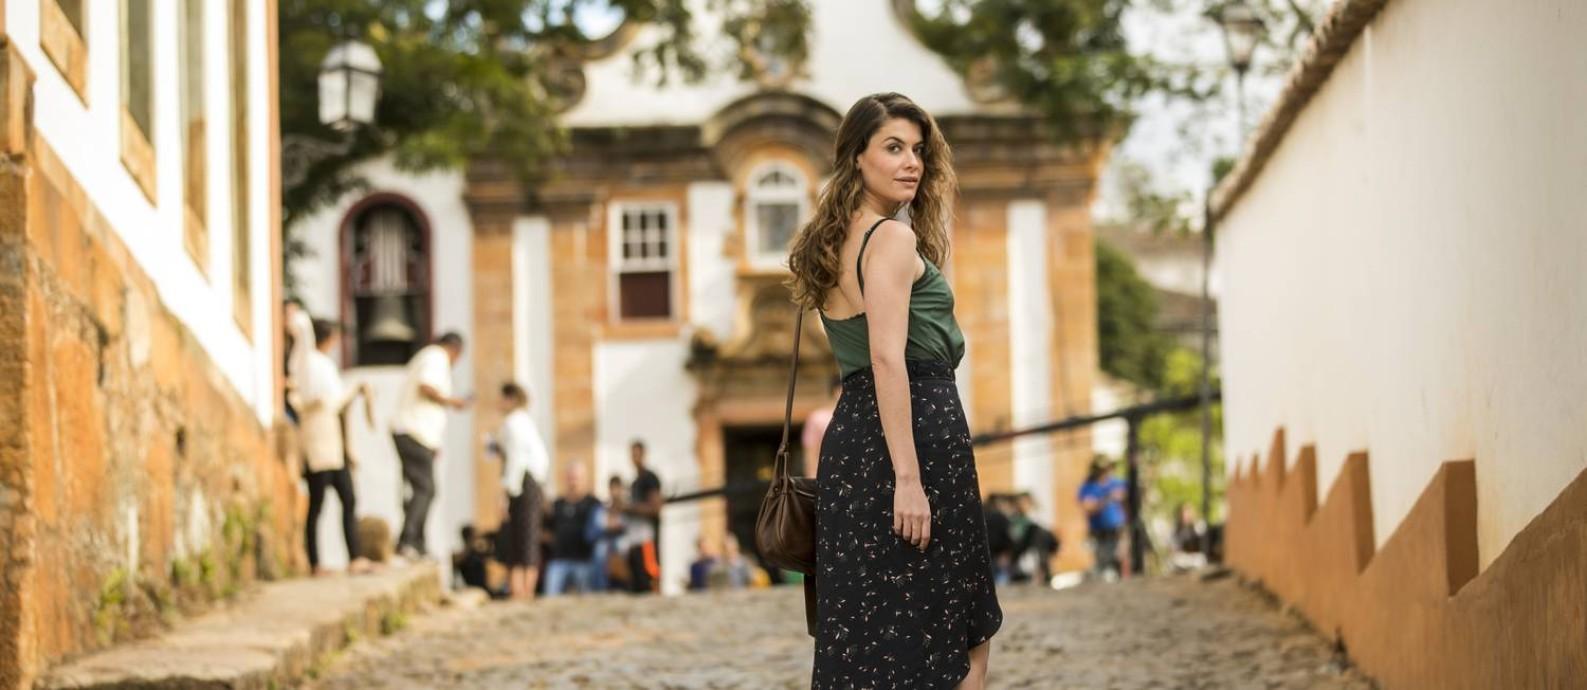 Alinne Moraes vive Isabel em